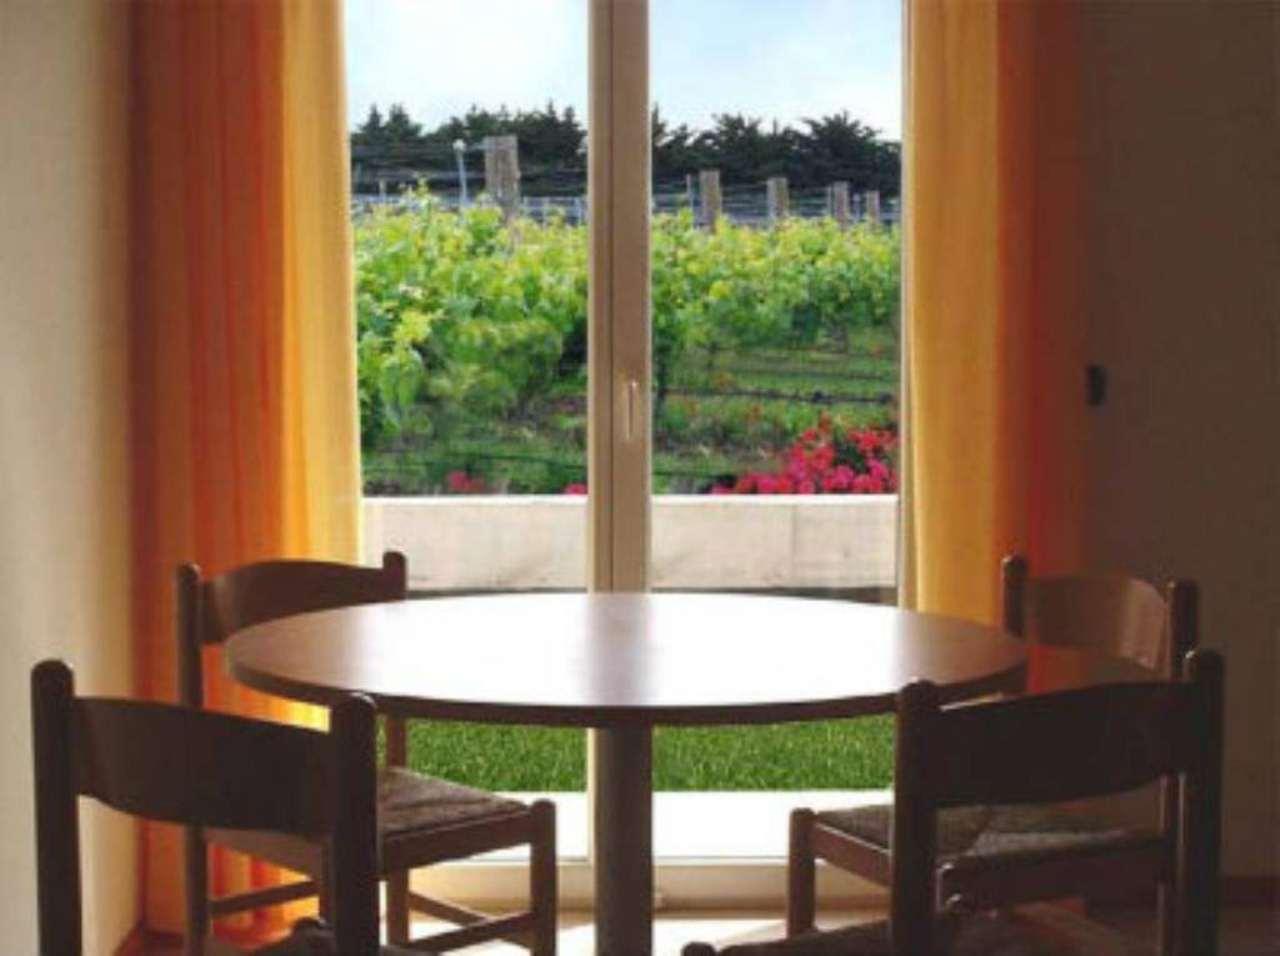 Albergo in vendita a Appiano sulla Strada del Vino, 9999 locali, Trattative riservate | Cambio Casa.it